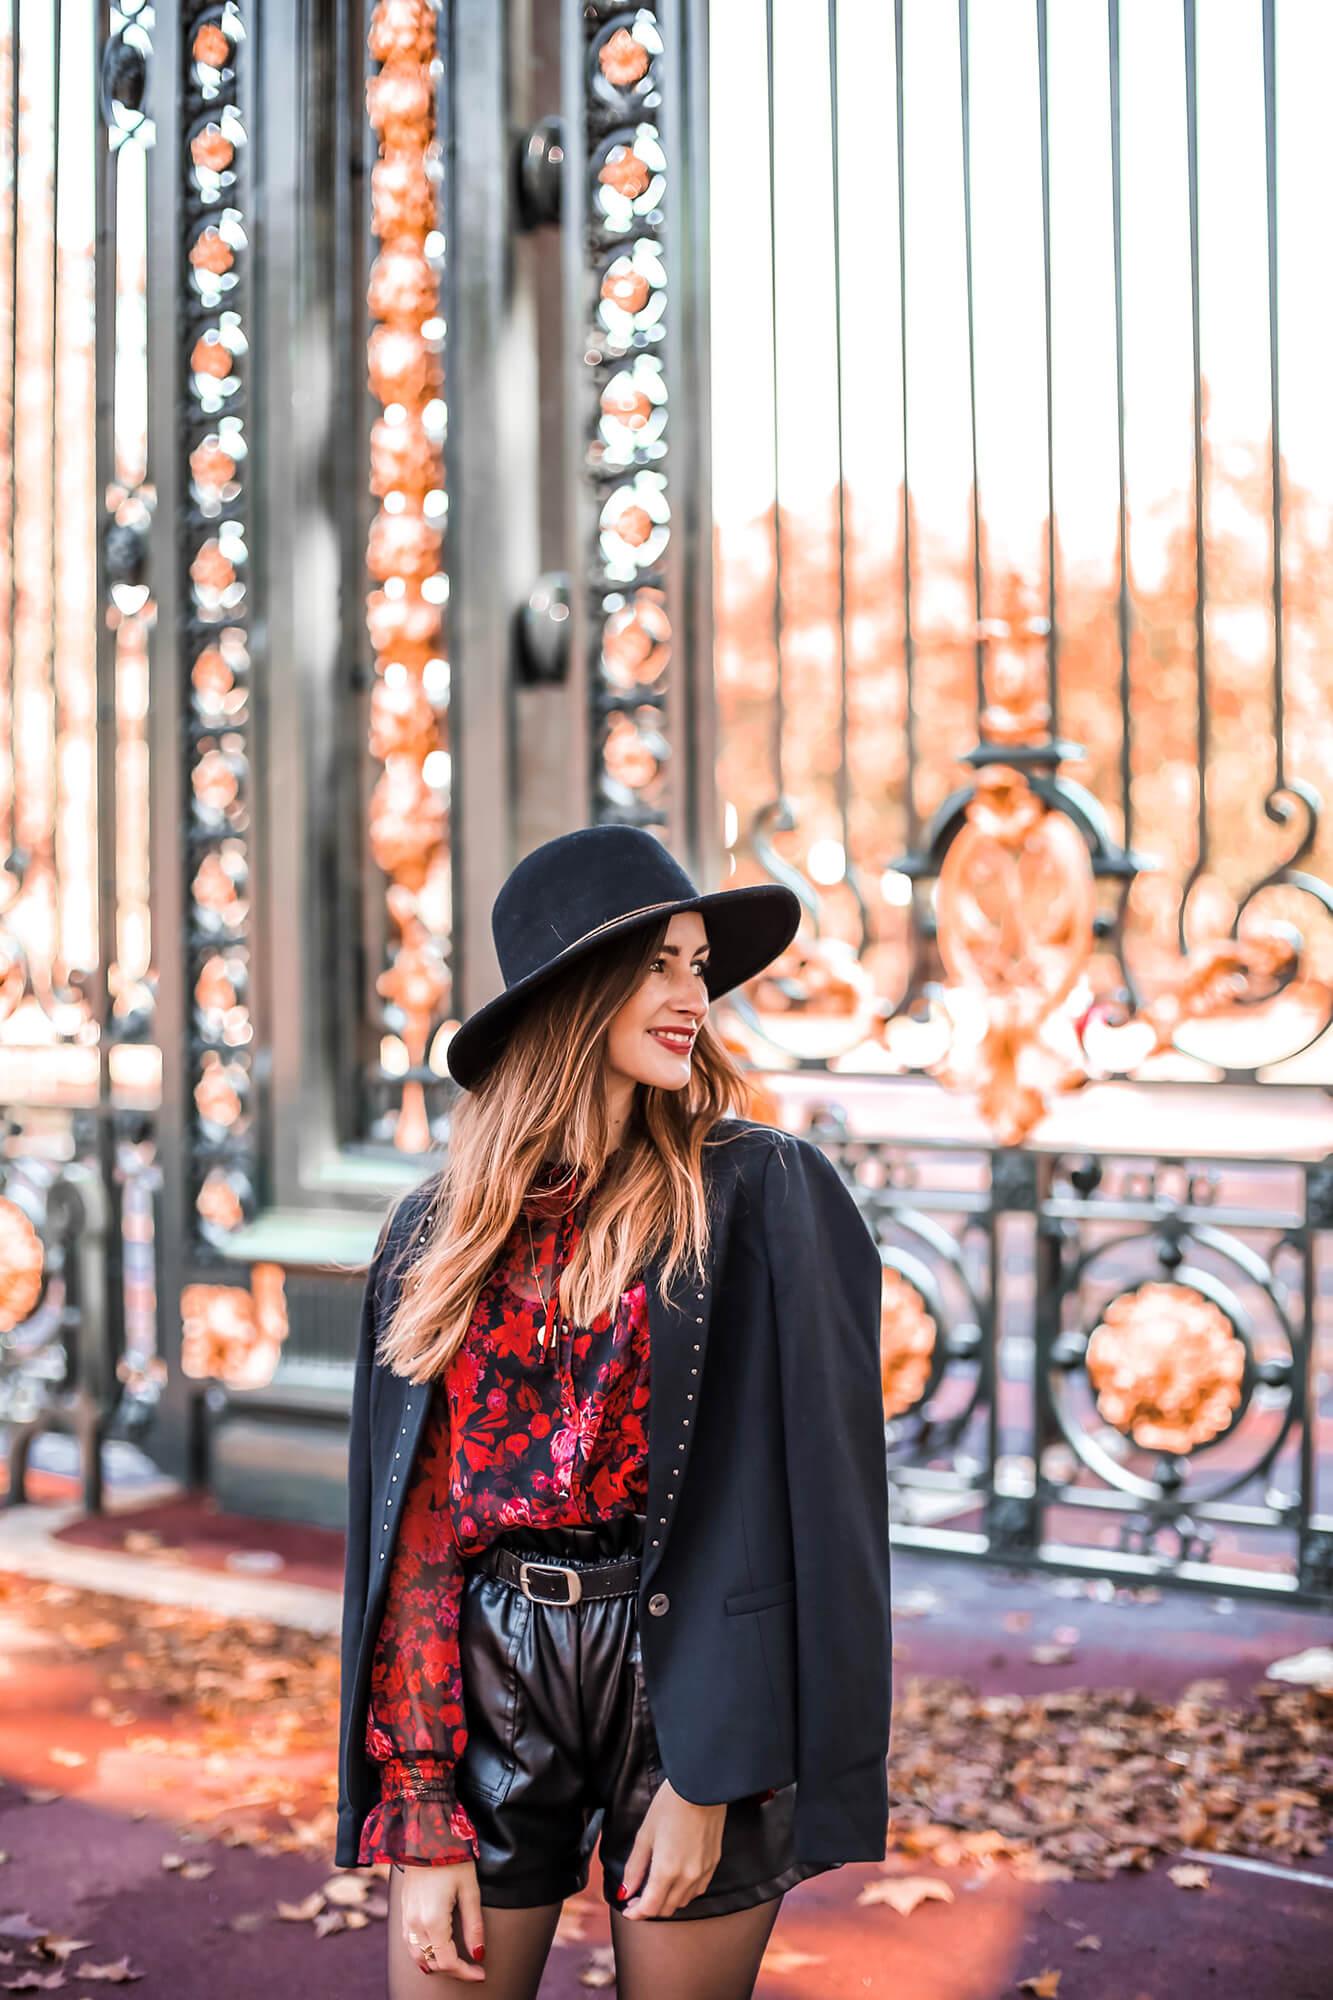 Justine, de rouge et noir vêtue, incarne parfaitement le style etl'esprit bohème-rock d'Elora